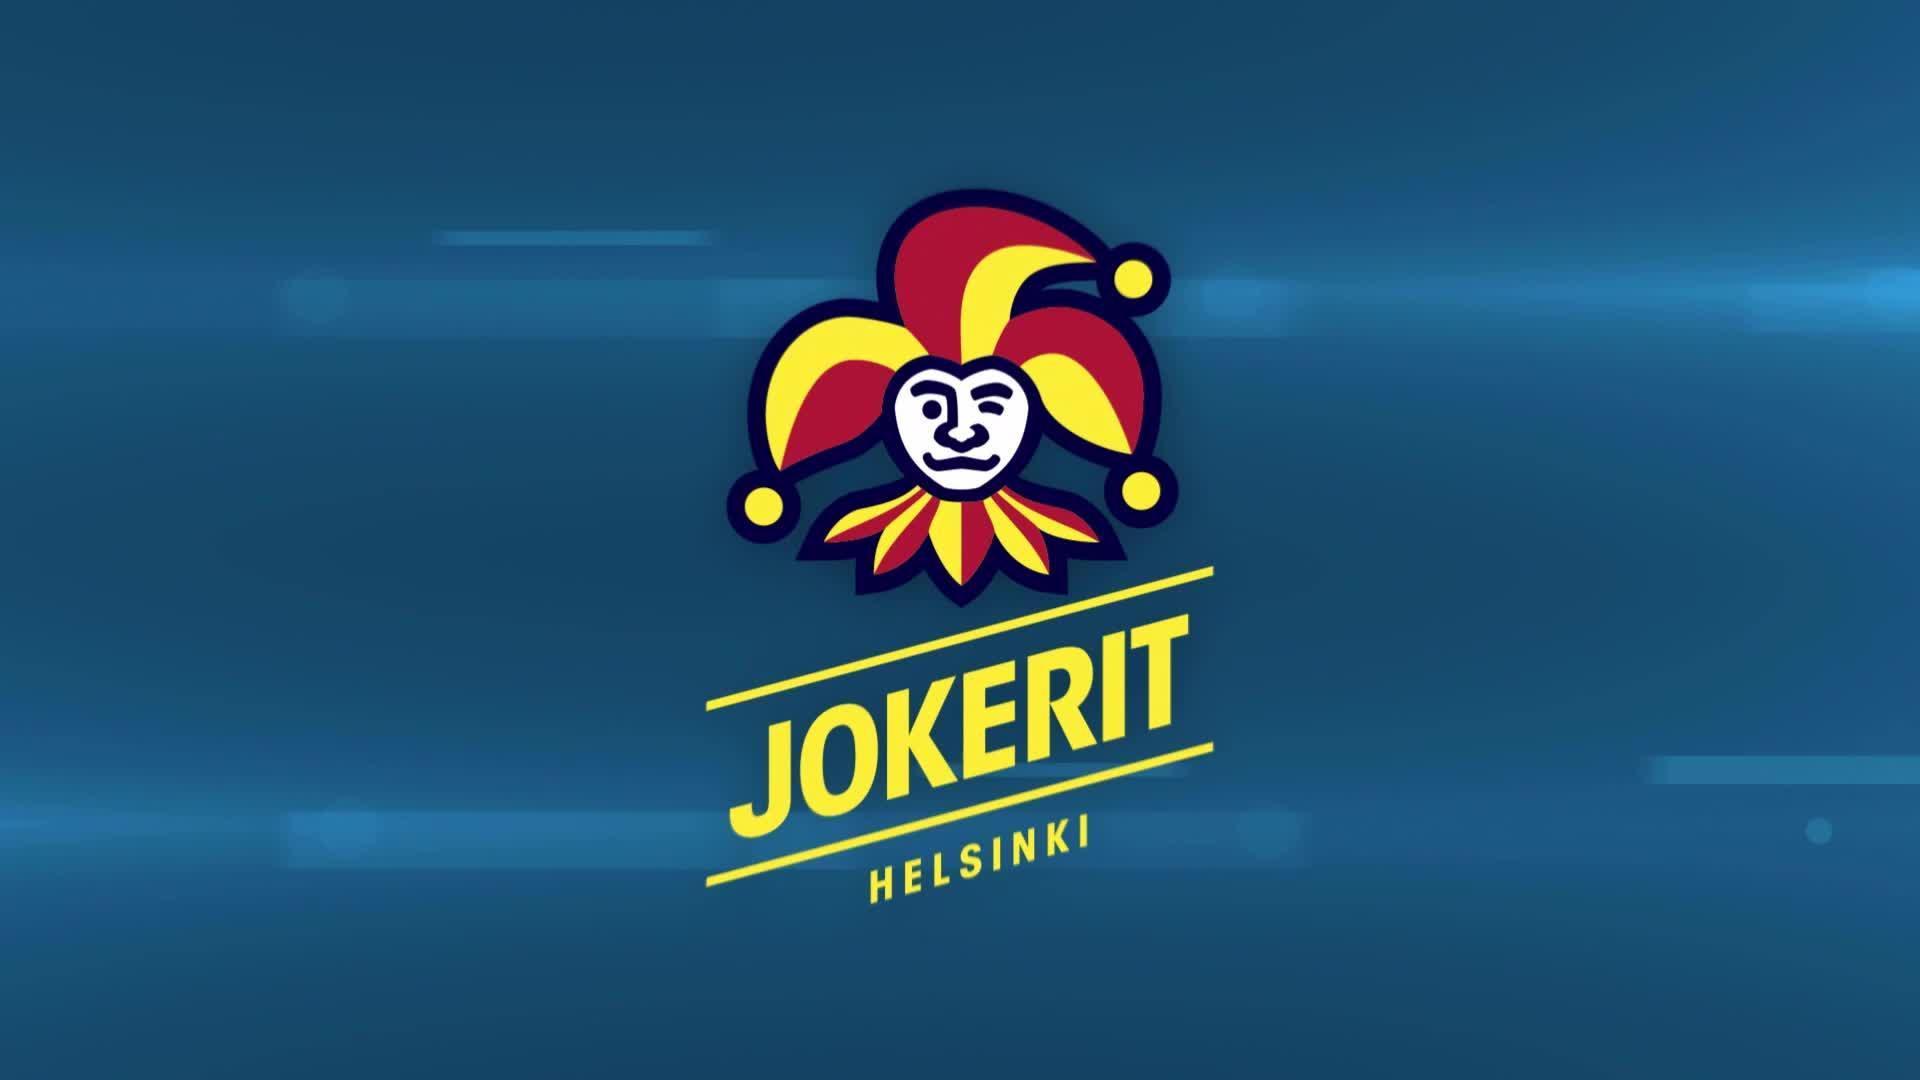 JOKERIT Helsinki - Teaser